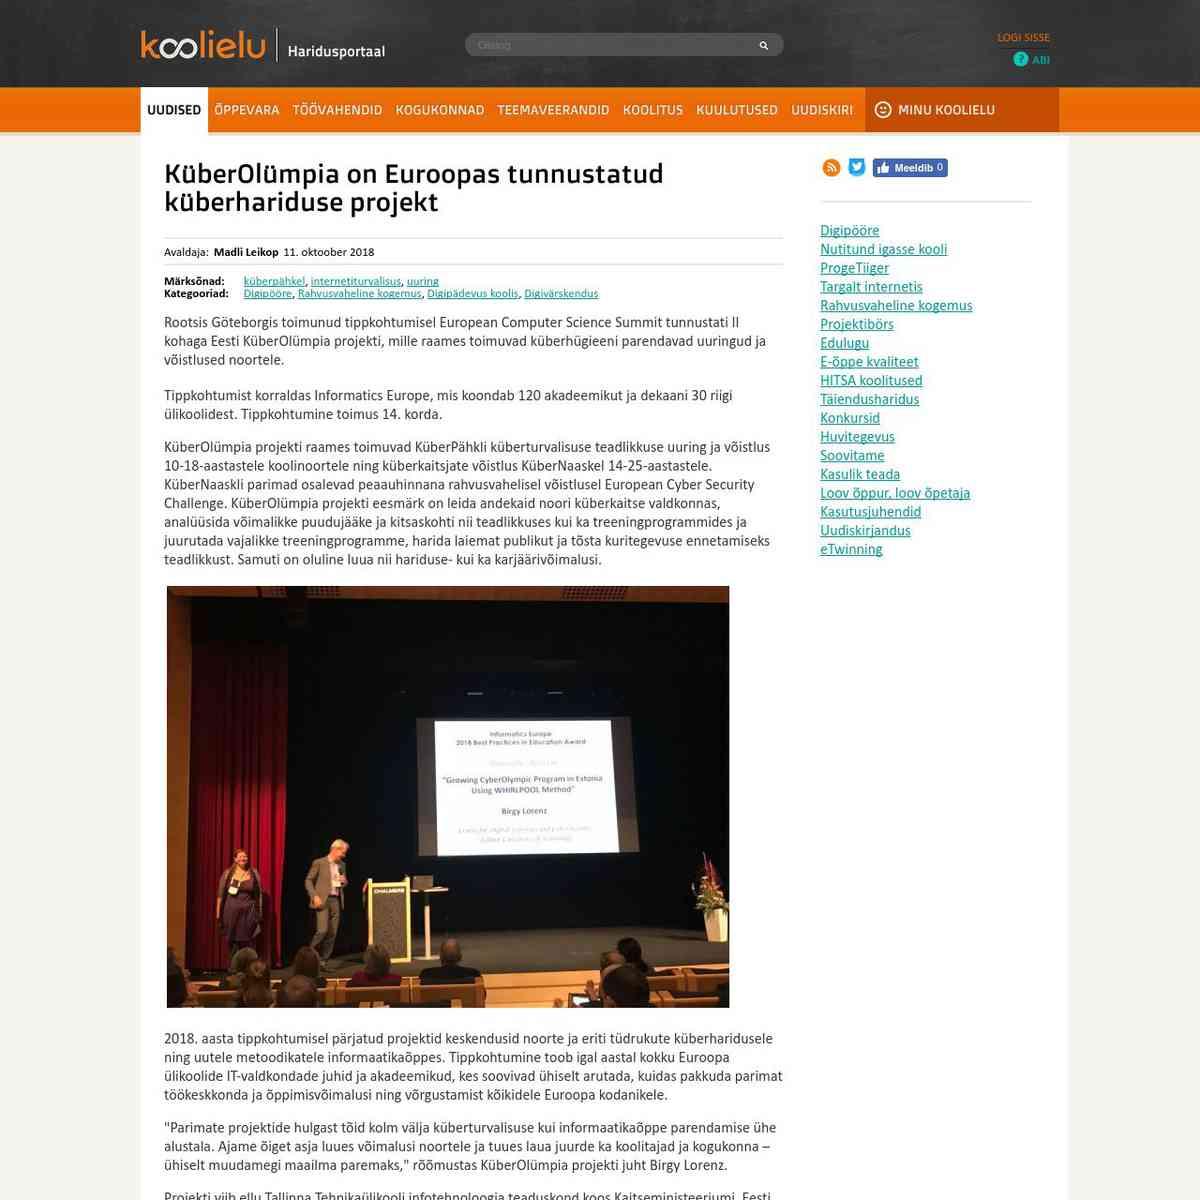 KüberOlümpia on Euroopas tunnustatud küberhariduse projekt : Koolielu